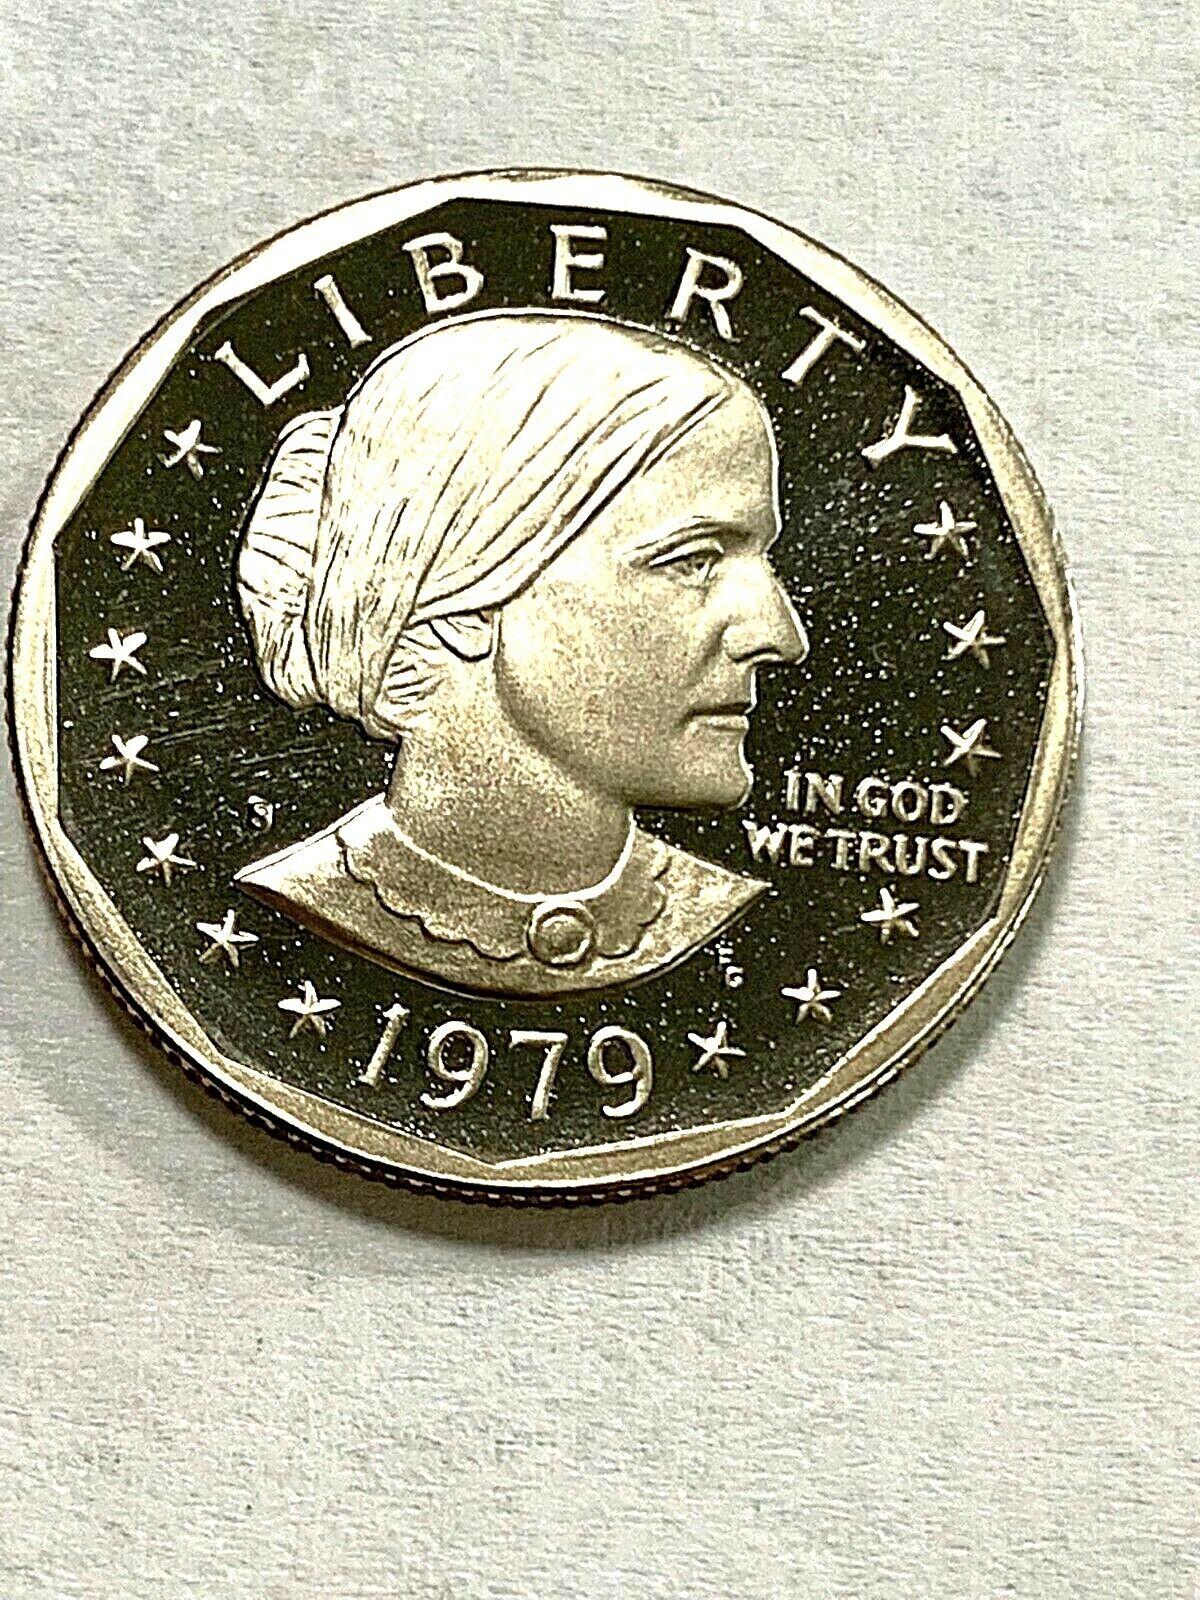 1979-S Filled GEM PROOF - $4.99